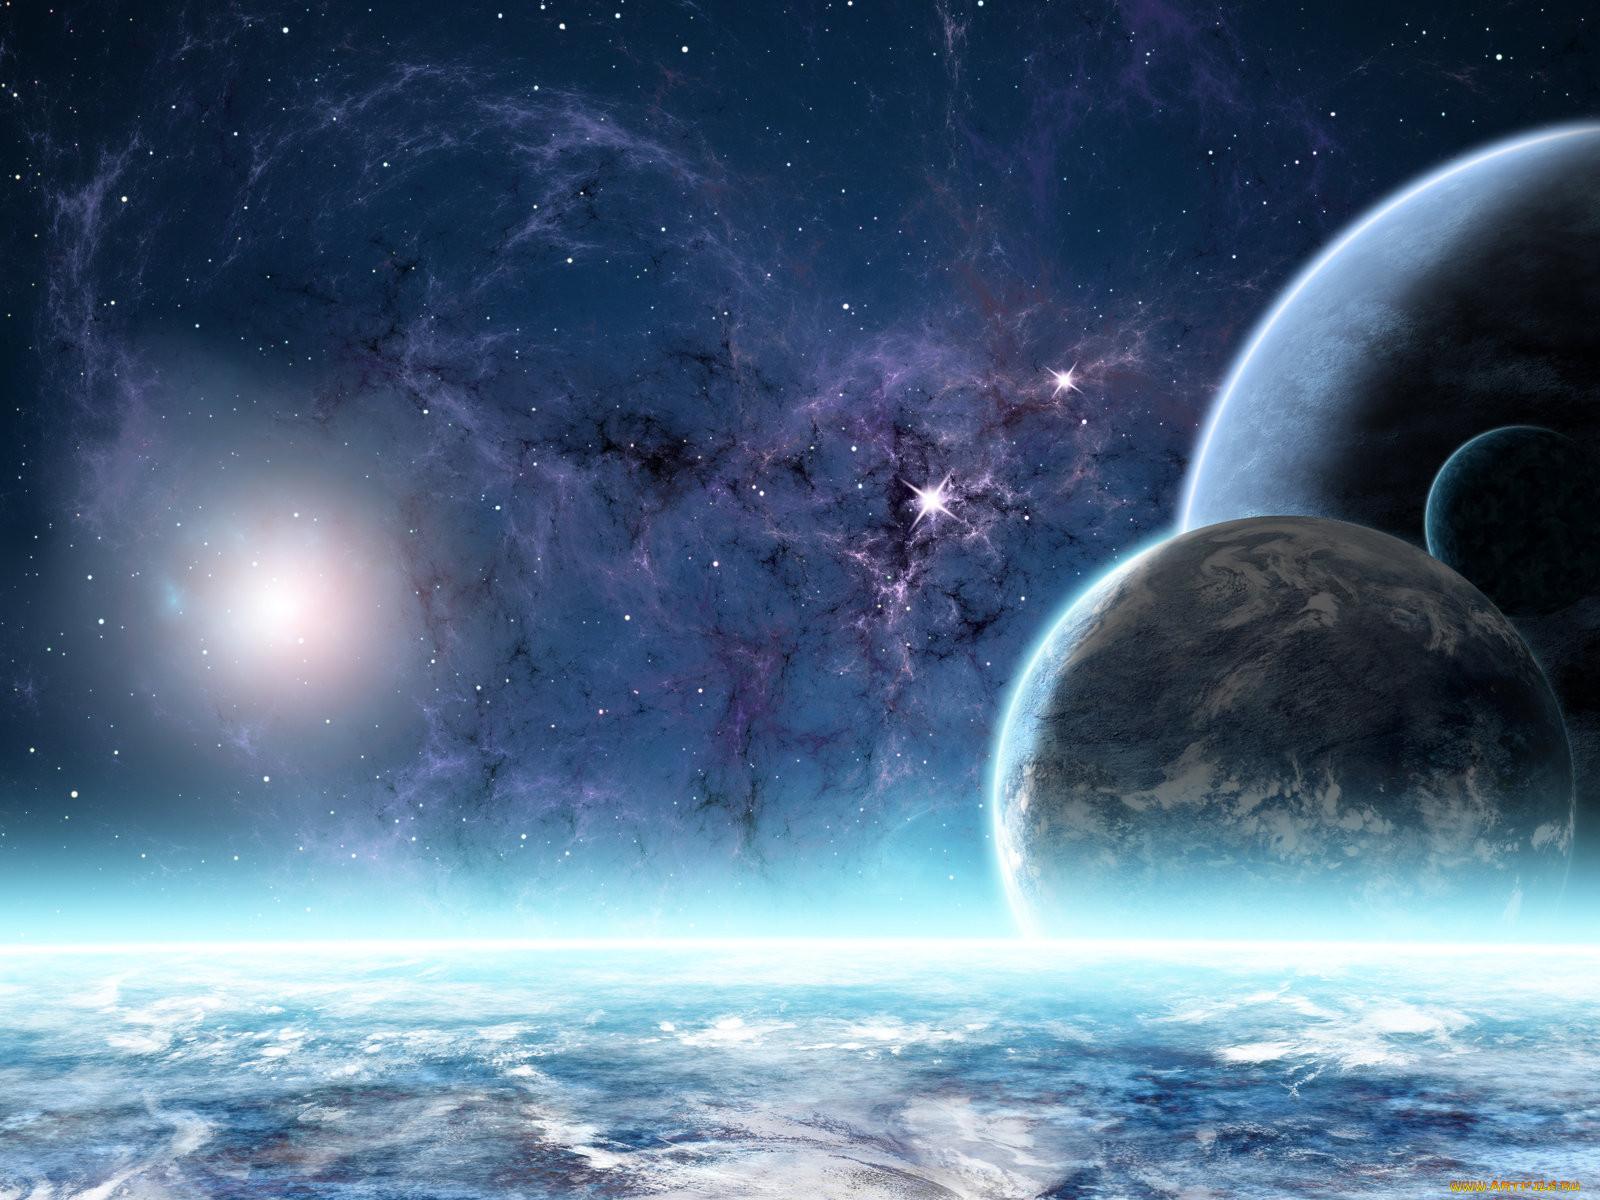 анимационные картинки космоса и планет отец профессиональный гонщик